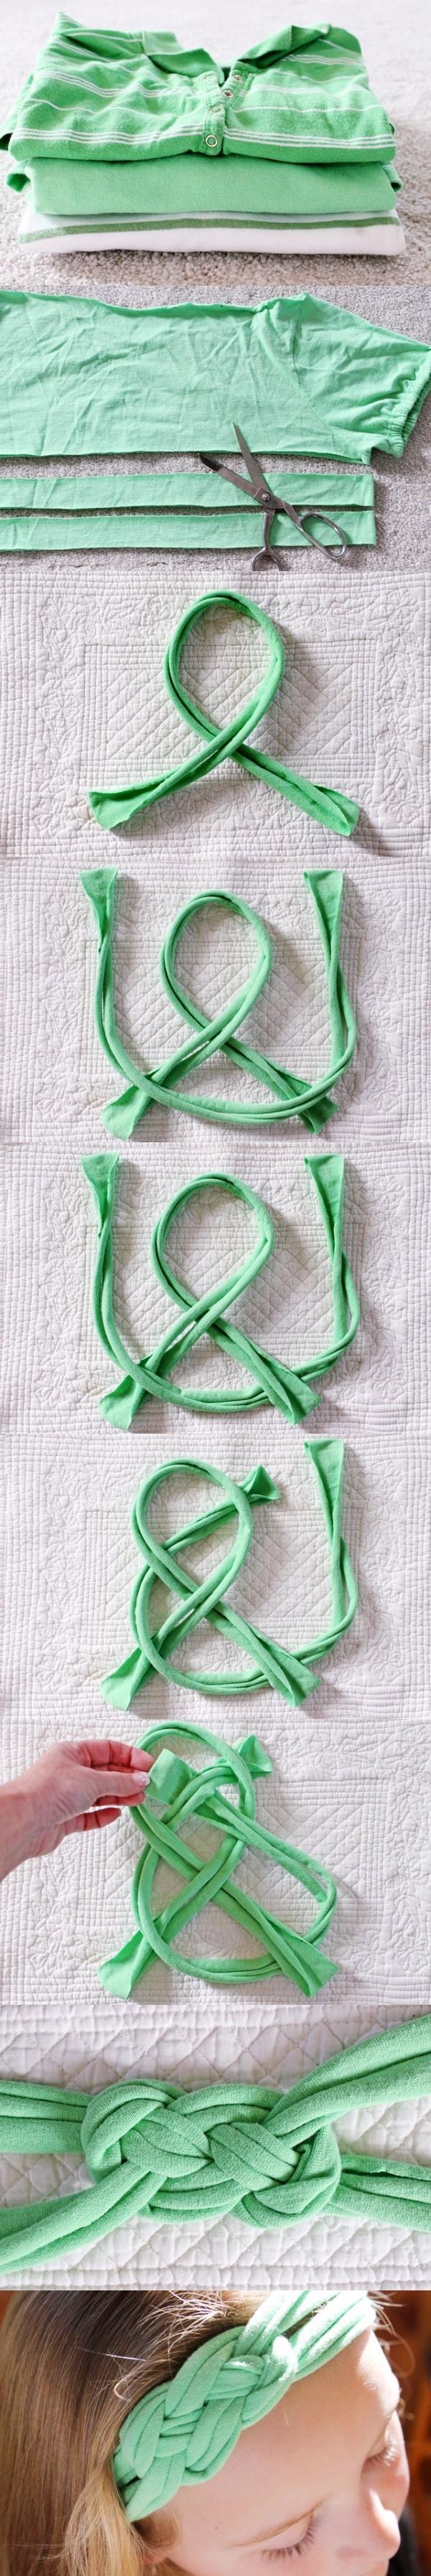 Genius-Glue-Art-and-Craft-Ideas